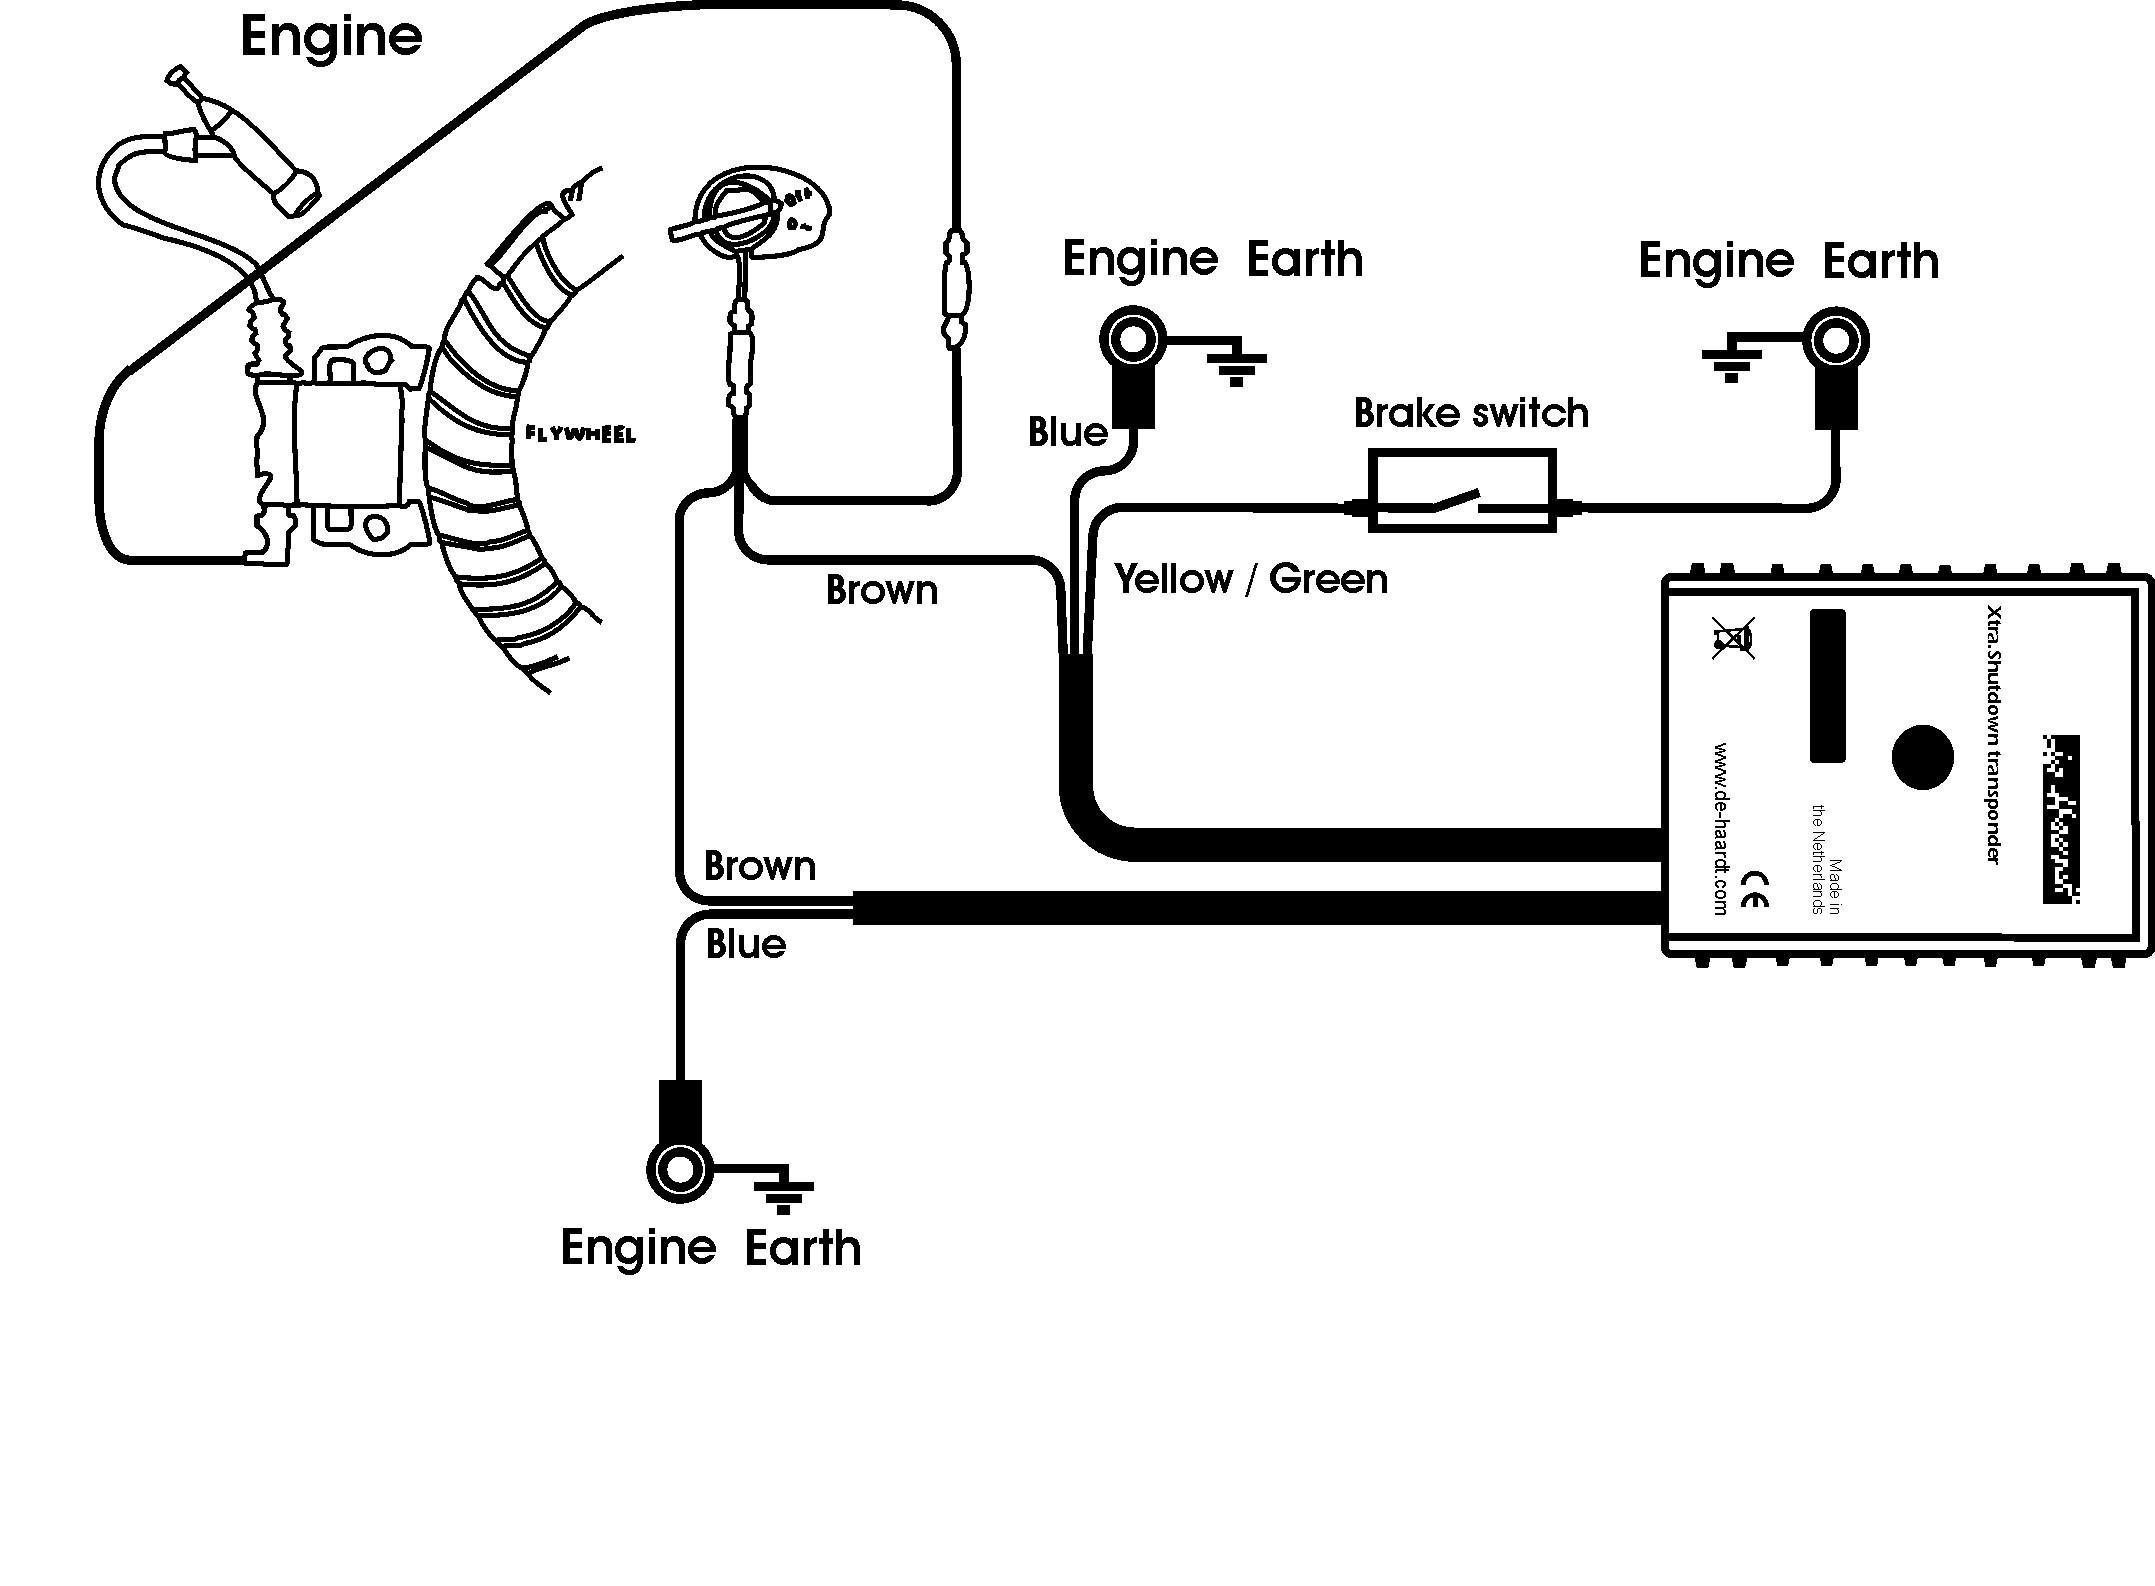 Wiring Diagram for Predator 420cc Ohv 32 Predator 420cc Engine Wiring Diagram Wiring Diagram List Of Wiring Diagram for Predator 420cc Ohv